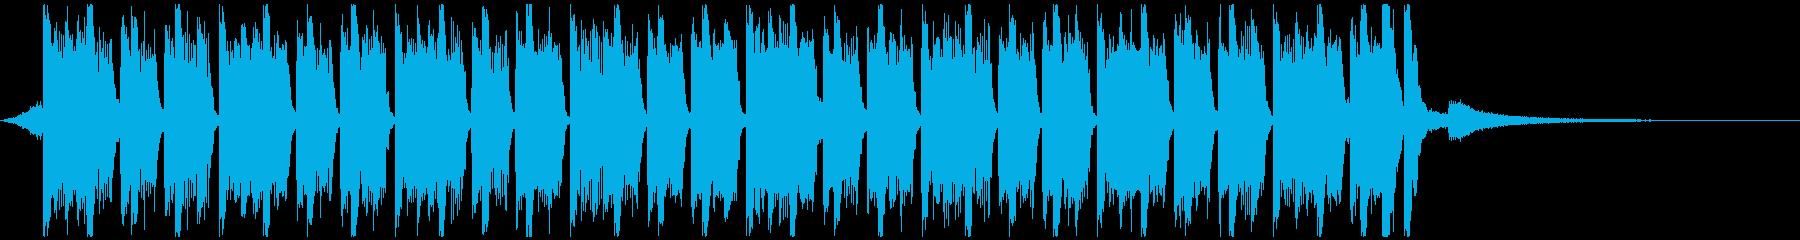 スポーツ音楽(23秒)の再生済みの波形